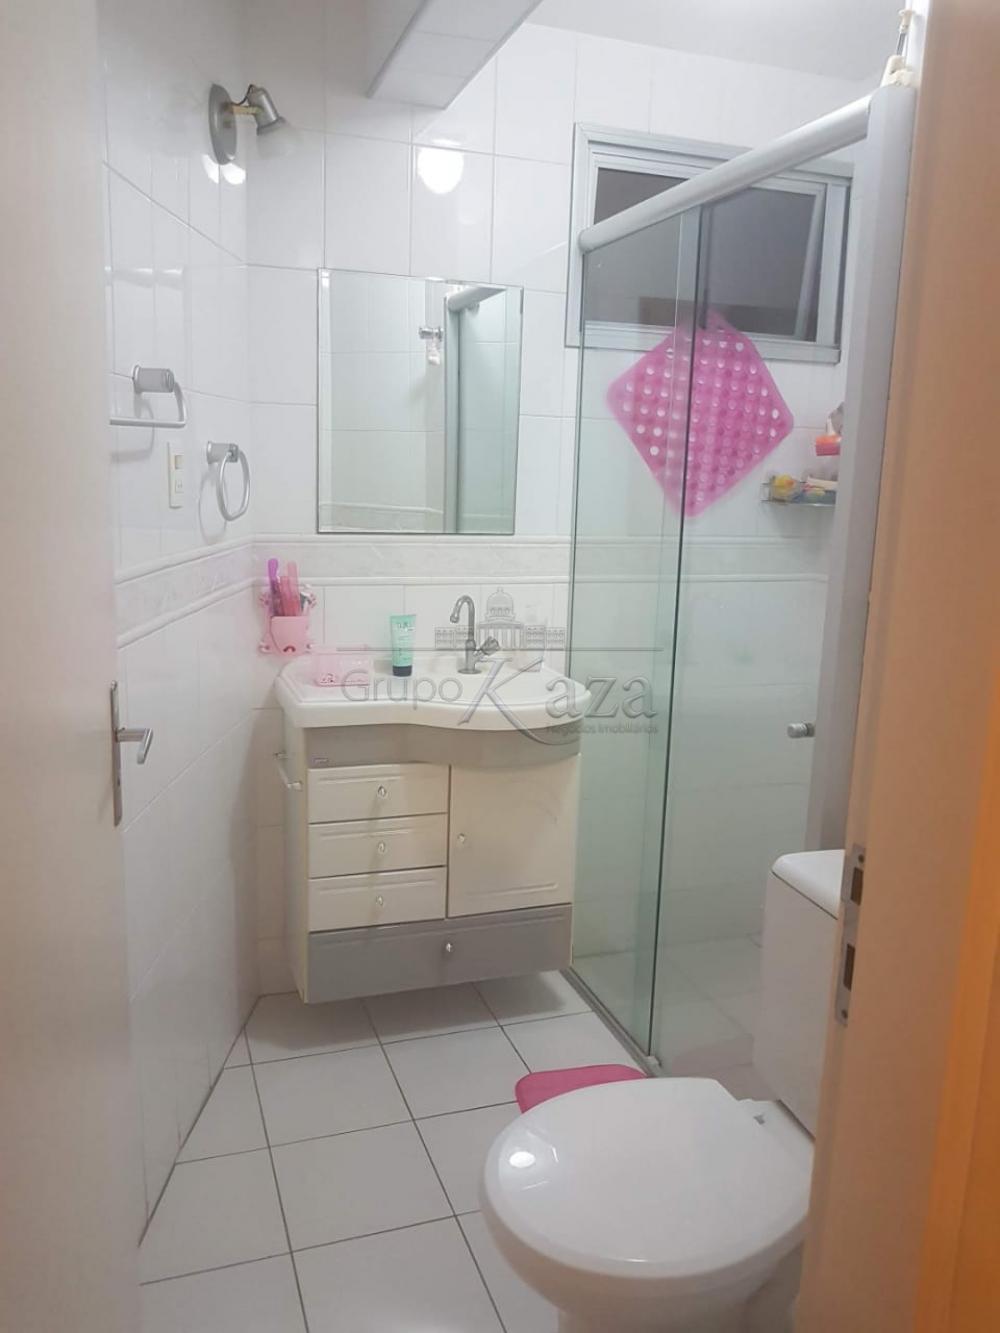 Comprar Apartamento / Padrão em São José dos Campos apenas R$ 340.000,00 - Foto 19